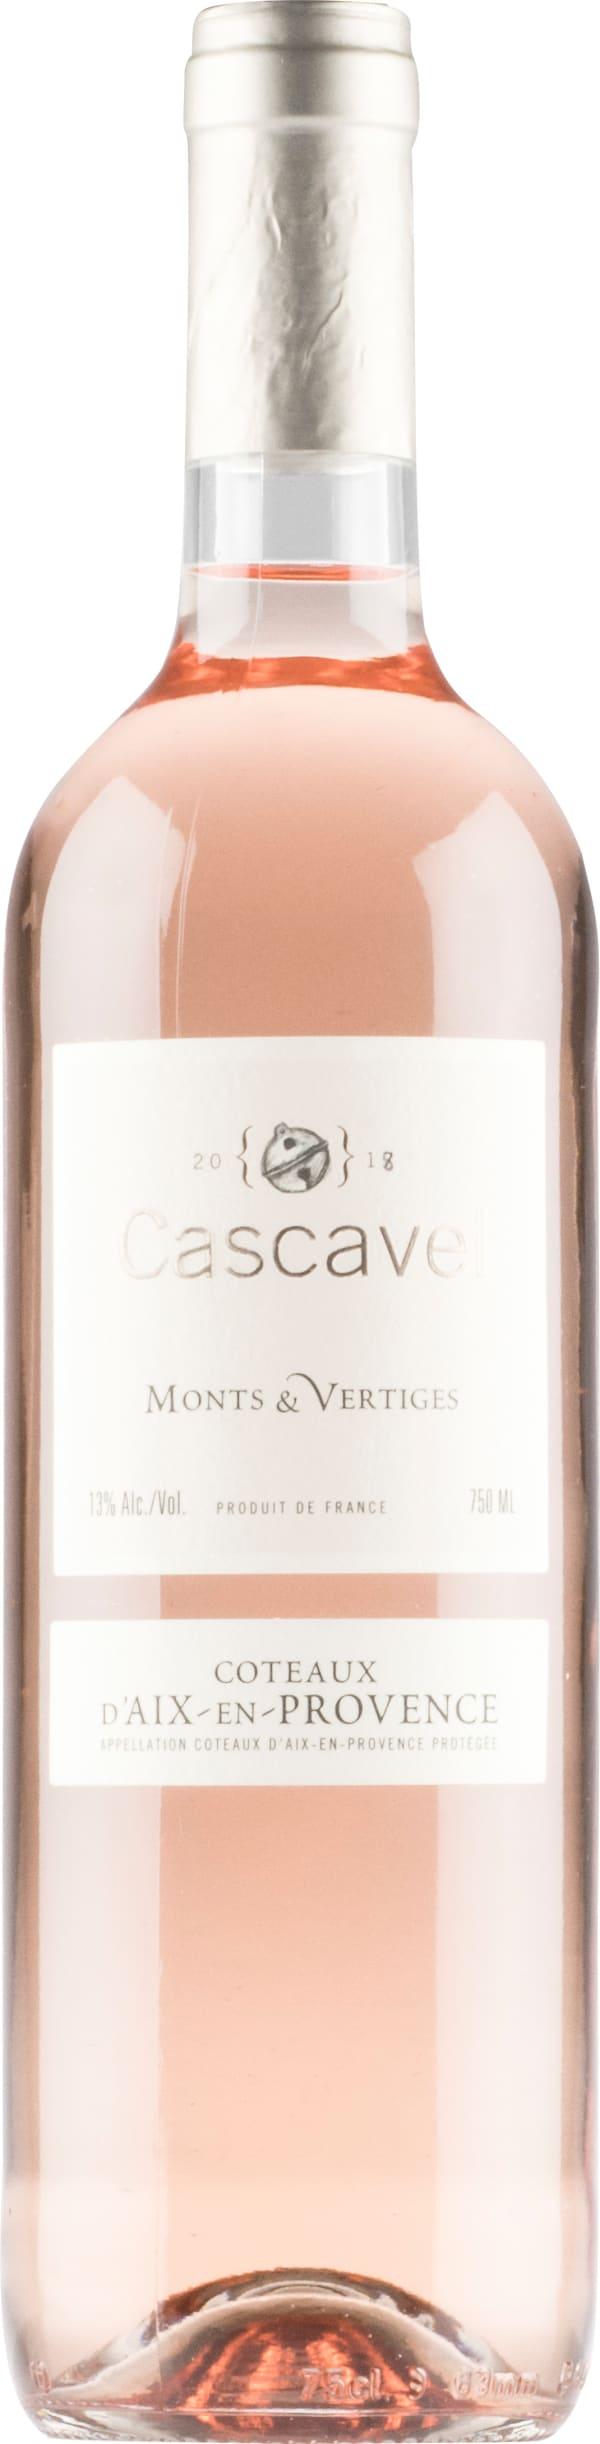 Cascavel Monts & Vertiges 2018